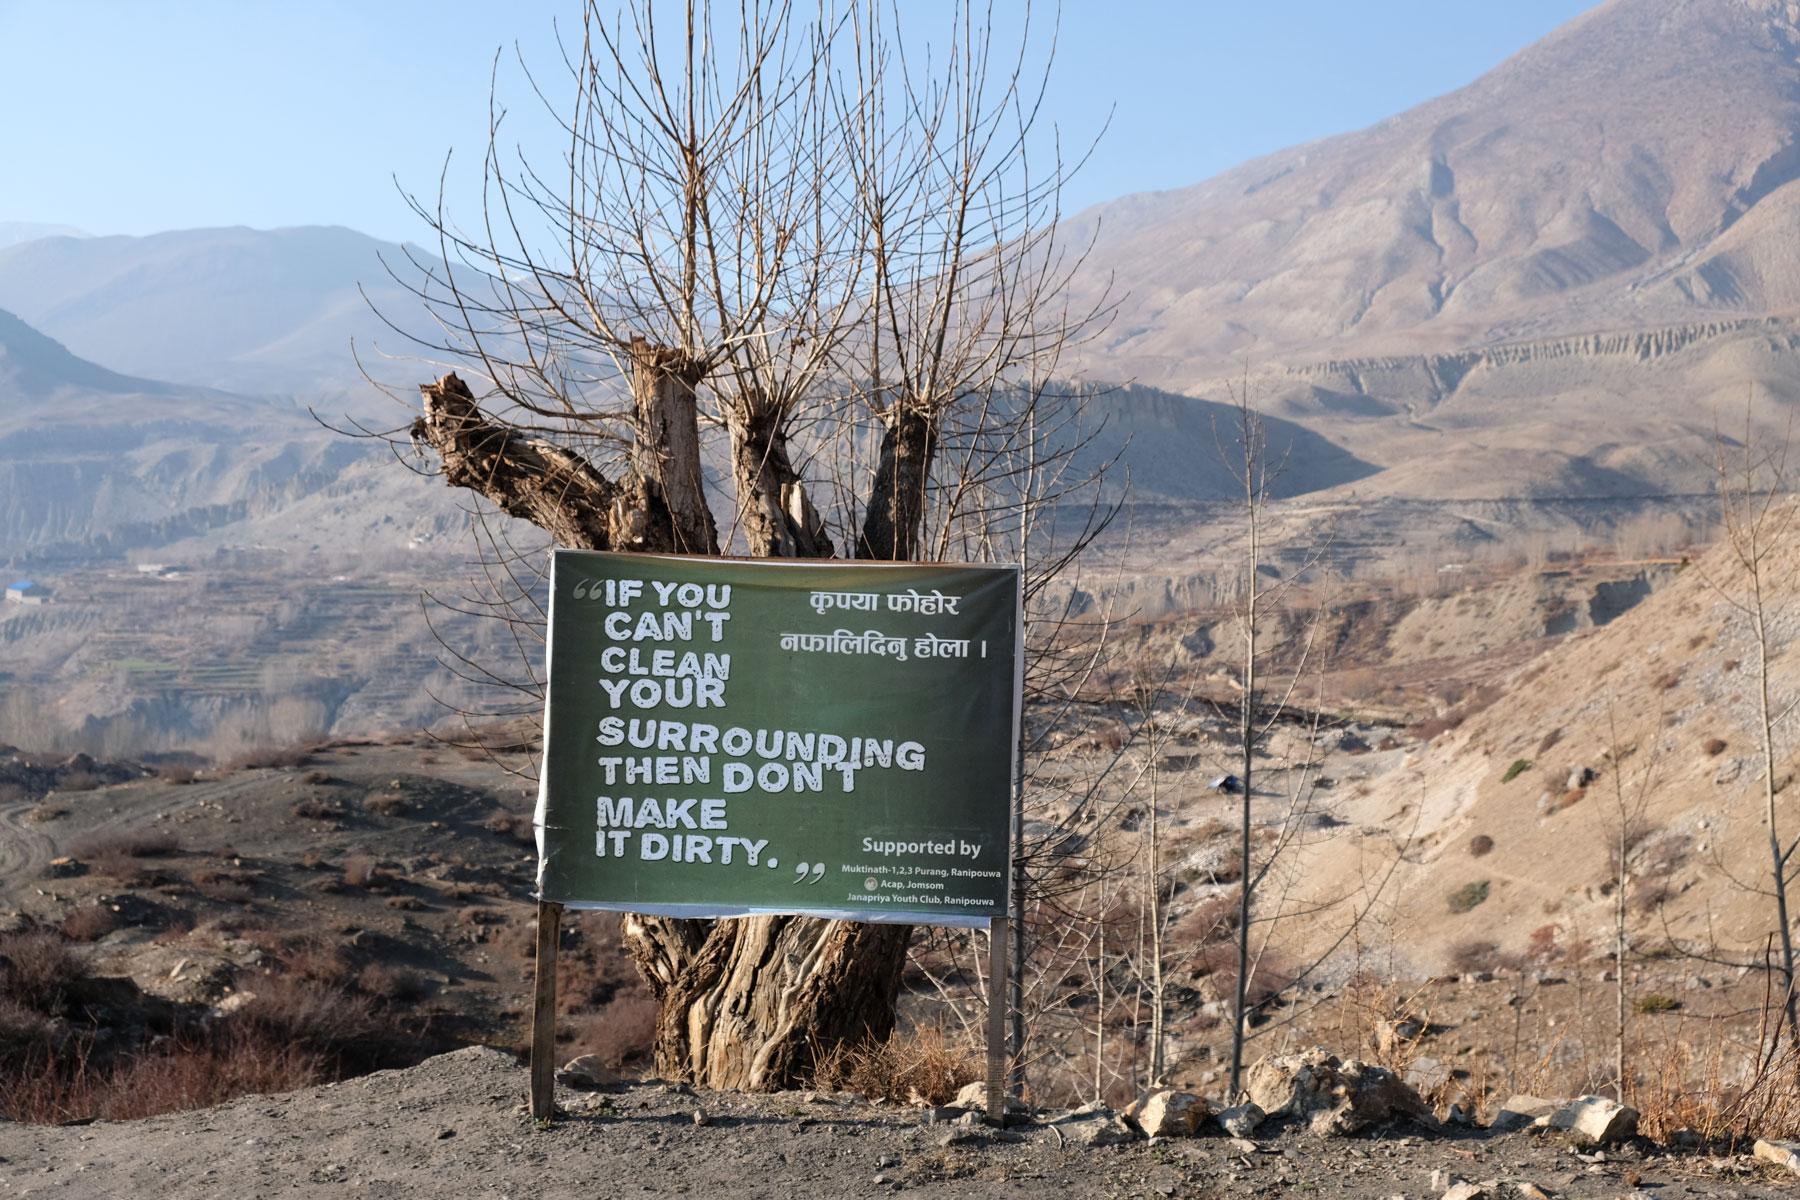 Ein Hinweisschild, das dazu auffordert, die Umgebung nicht zu verschmutzen, wenn man sie nicht säubern kann.